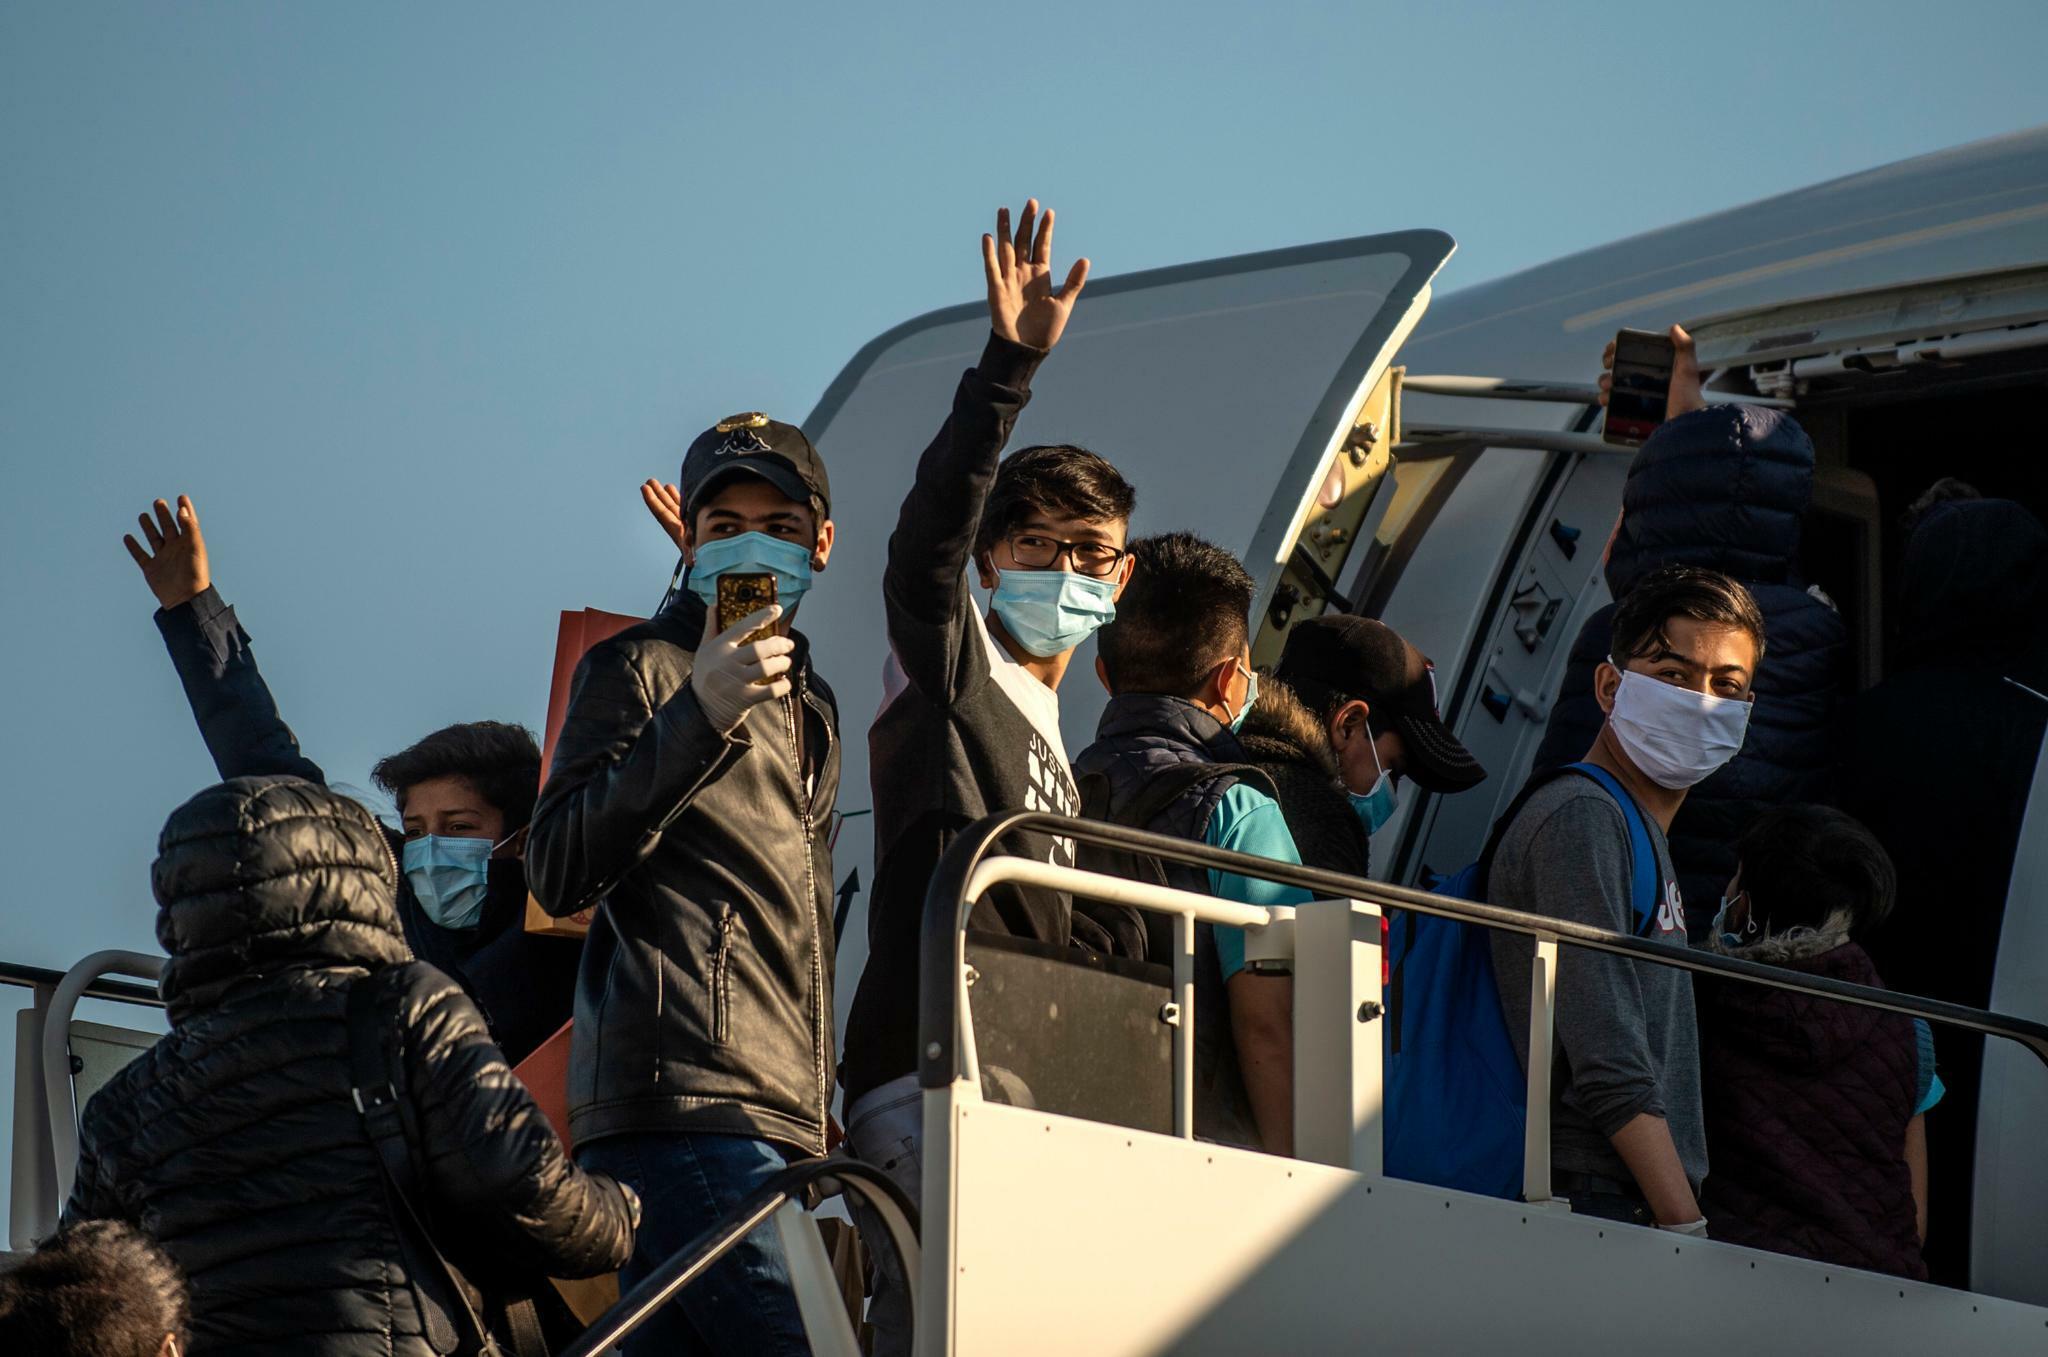 """Zatímco Němci jsou uzavřeni doma, Merkelová si přivezla další """"syrské vousaté sirotky"""""""